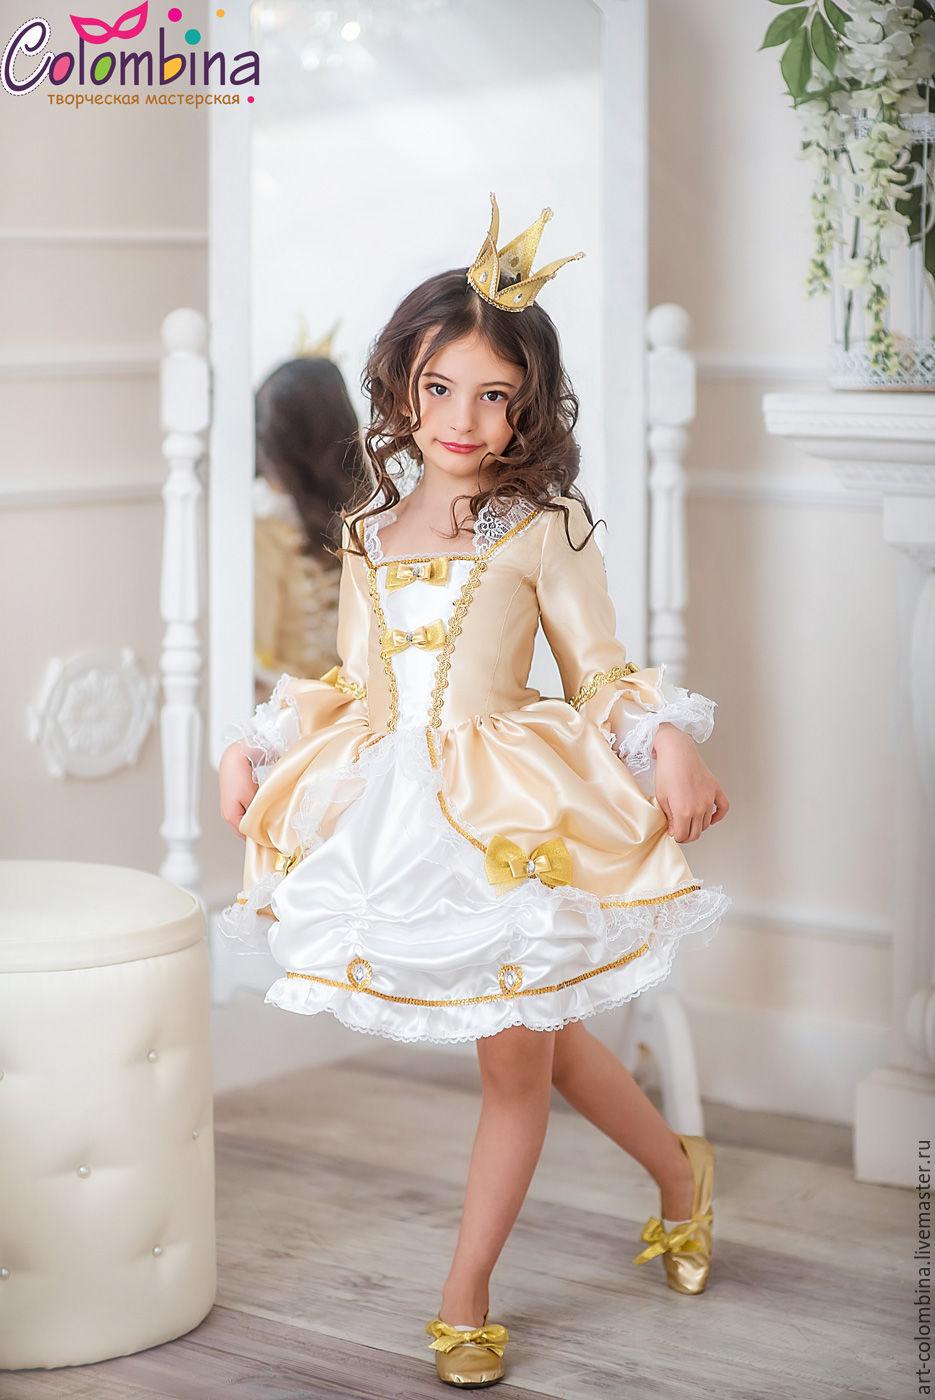 0378cef62d5bfd0 Детские карнавальные костюмы ручной работы. Ярмарка Мастеров - ручная  работа. Купить Карнавальный костюм принцессы ...